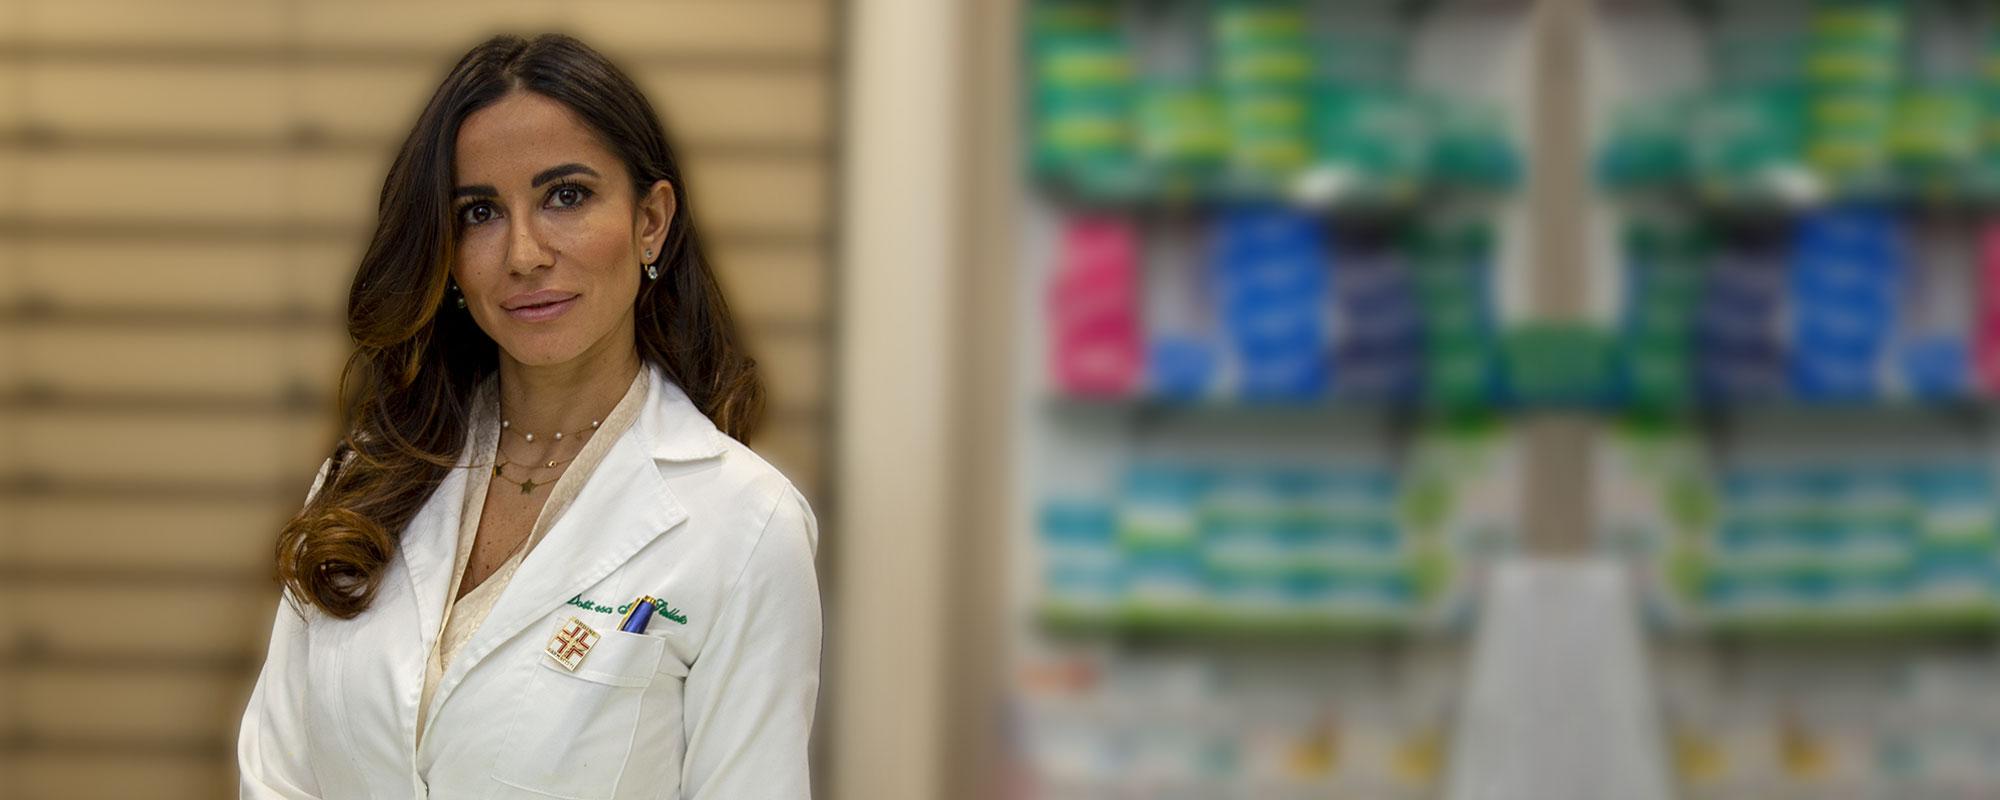 Farmacia, Benessere <br><span>e Cosmetica</span>